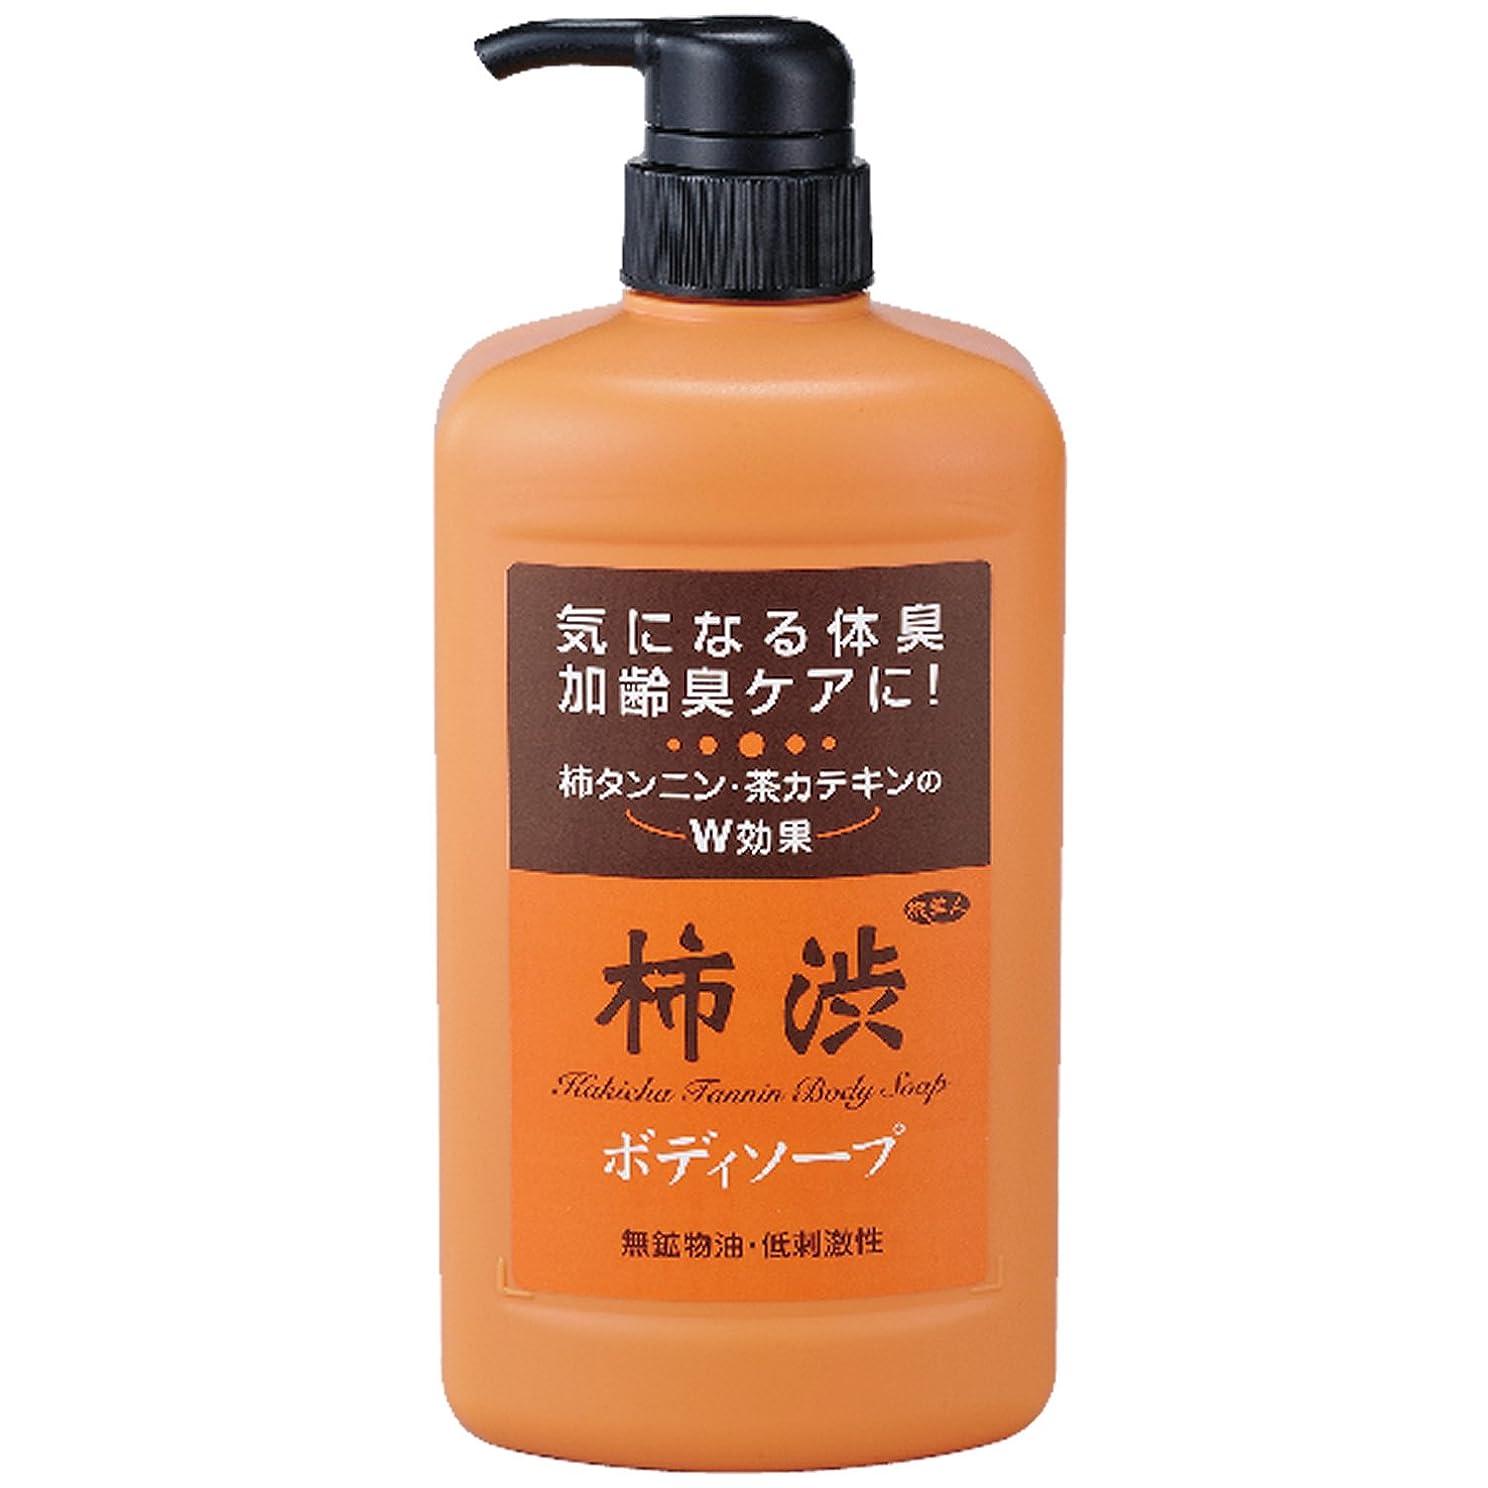 オフェンスコピー合理化アズマ商事の 柿渋ボディソープ850ml